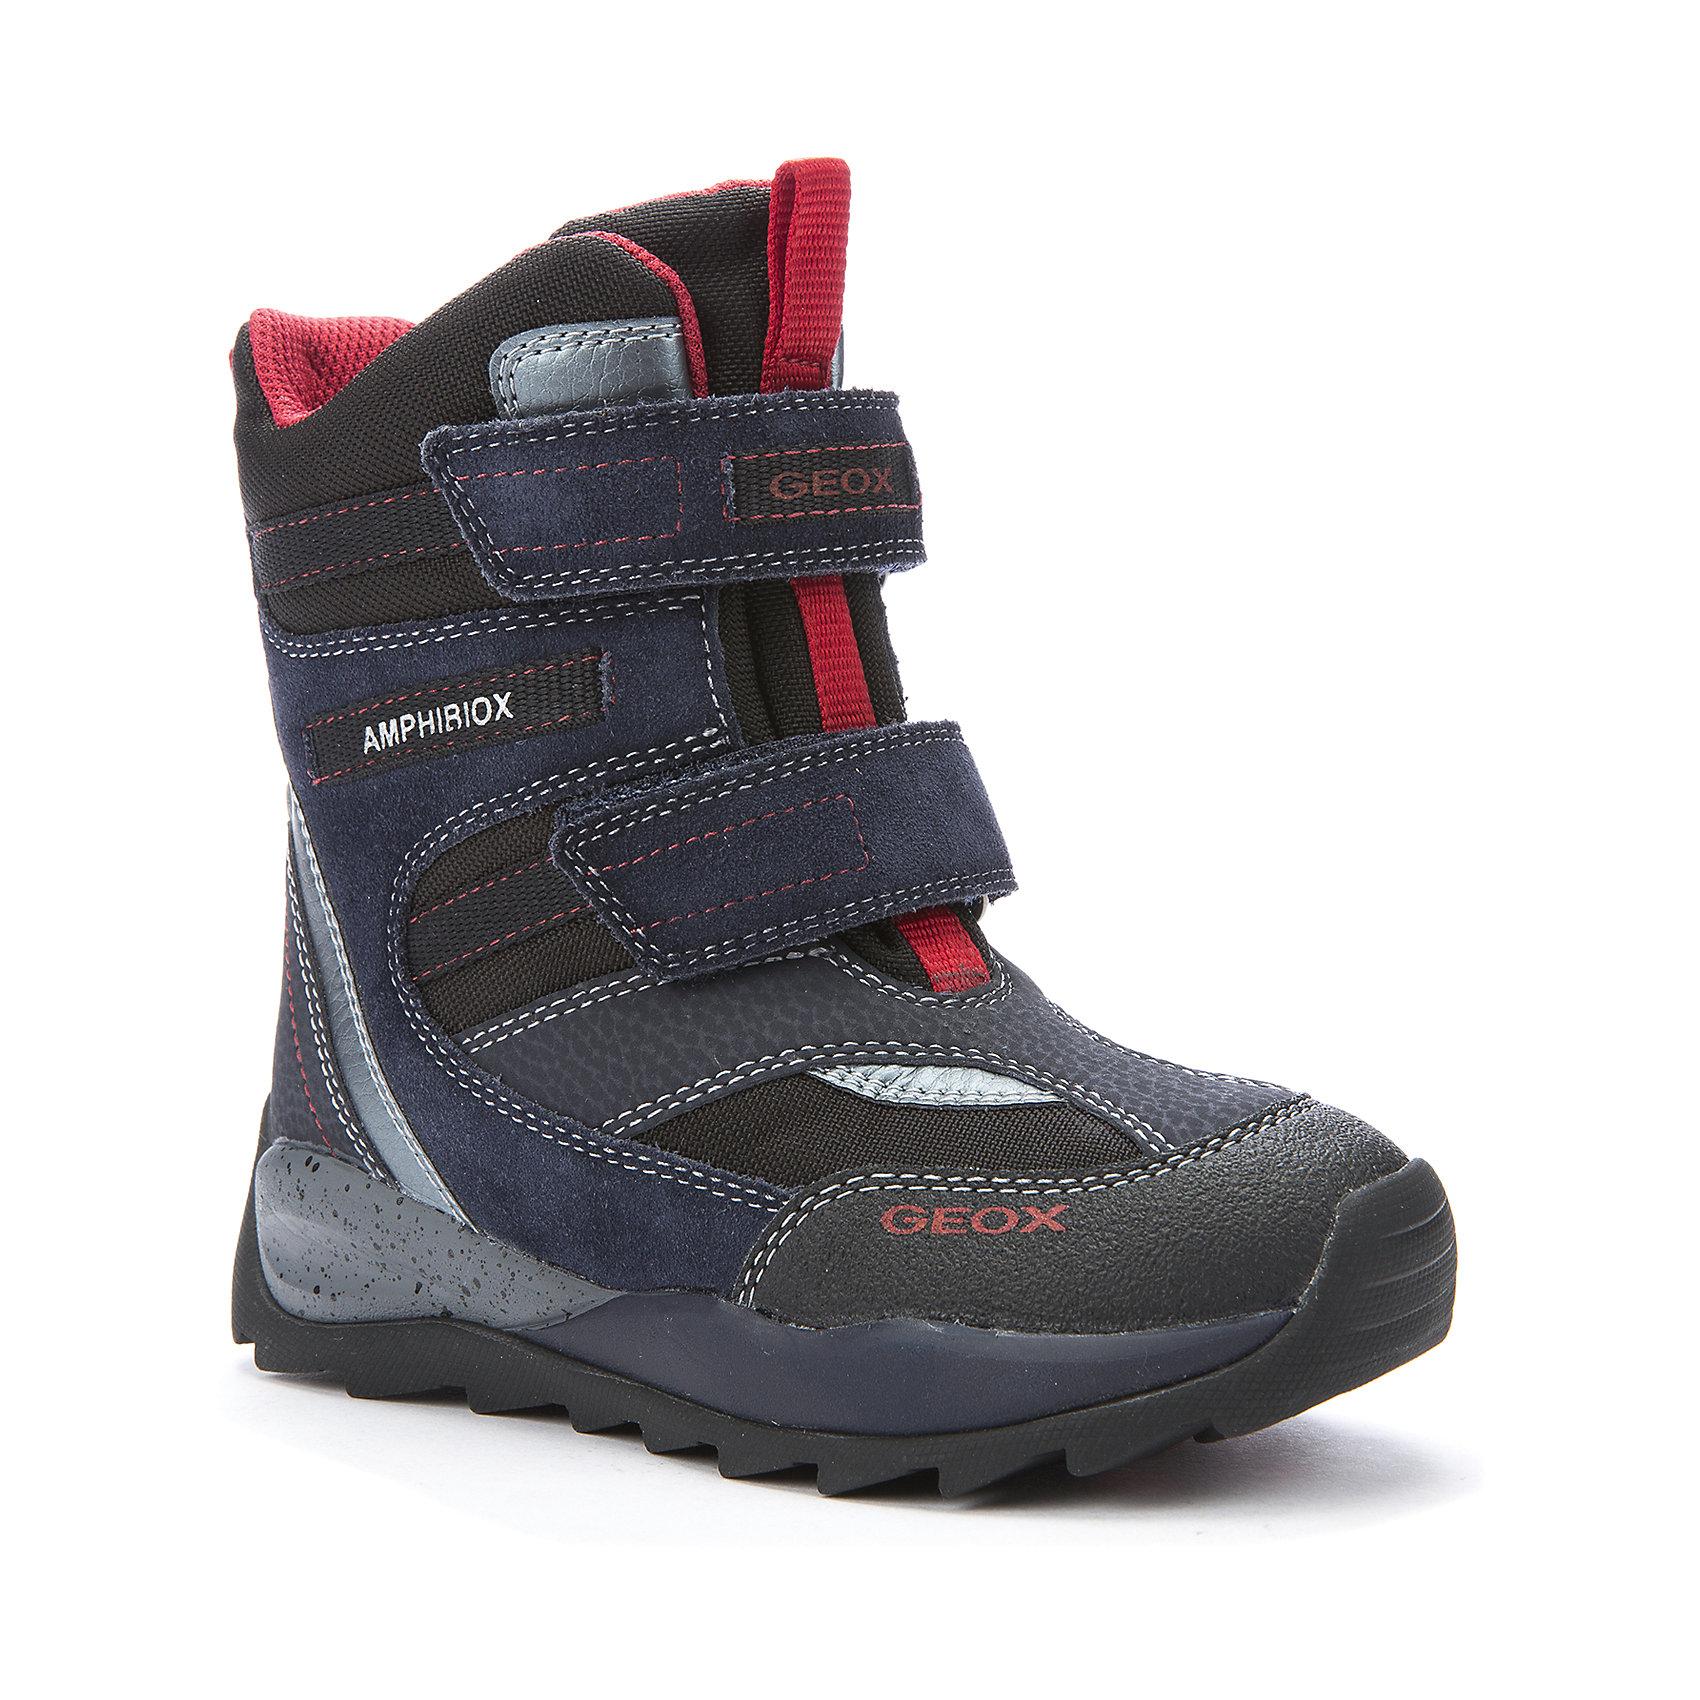 Полусапожки для мальчика GEOXПолусапожки для мальчика от популярной марки GEOX.<br><br>Удобные и стильные полусапожки сделаны по уникальной технологии. Производитель обуви GEOX разработал специальную дышащую подошву, которая не пропускает влагу внутрь, а также высокотехнологичную стельку. При производстве этих полусапожек была задействована технология Amphibiox, делающая обувь непромокаемой. <br> <br>Отличительные особенности модели:<br><br>- цвет: синий;<br>- украшены красными элементами;<br>- гибкая водоотталкивающая подошва с дышащей мембраной;<br>- утепленная стелька;<br>- мягкий и легкий верх;<br>- защита пятки и пальцев;<br>- эргономичная форма;<br>- удобная застежка-липучка и утяжка о стоппером;<br>- комфортное облегание;<br>- ударопрочная антибактериальная стелька;<br>- защита от промокания - технология Amphibiox;<br>- верх обуви и подкладка сделаны без использования хрома.<br><br>Дополнительная информация:<br><br>- Температурный режим: от - 20° С  до -5° С.<br><br>- Состав:<br><br>материал верха: искусственная кожа, текстиль<br>материал подкладки: текстиль, искусственный мех<br>подошва: резина<br><br>Полусапожки для мальчика GEOX (Геокс) можно купить в нашем магазине.<br><br>Ширина мм: 257<br>Глубина мм: 180<br>Высота мм: 130<br>Вес г: 420<br>Цвет: синий<br>Возраст от месяцев: 84<br>Возраст до месяцев: 96<br>Пол: Мужской<br>Возраст: Детский<br>Размер: 31,35,29,30,34,33,28,32,36,37,38<br>SKU: 4178388